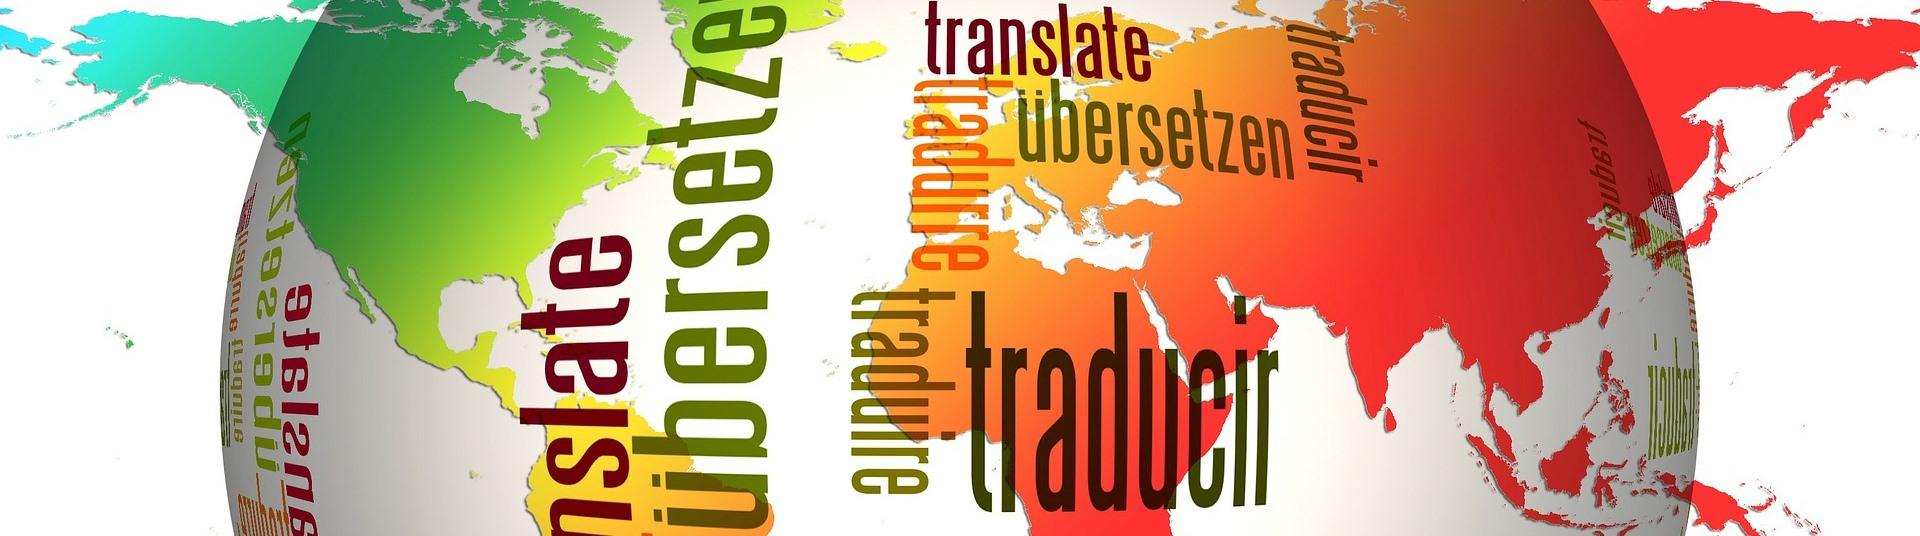 Succesvolle Duitse adwords met de ervaring van creNative